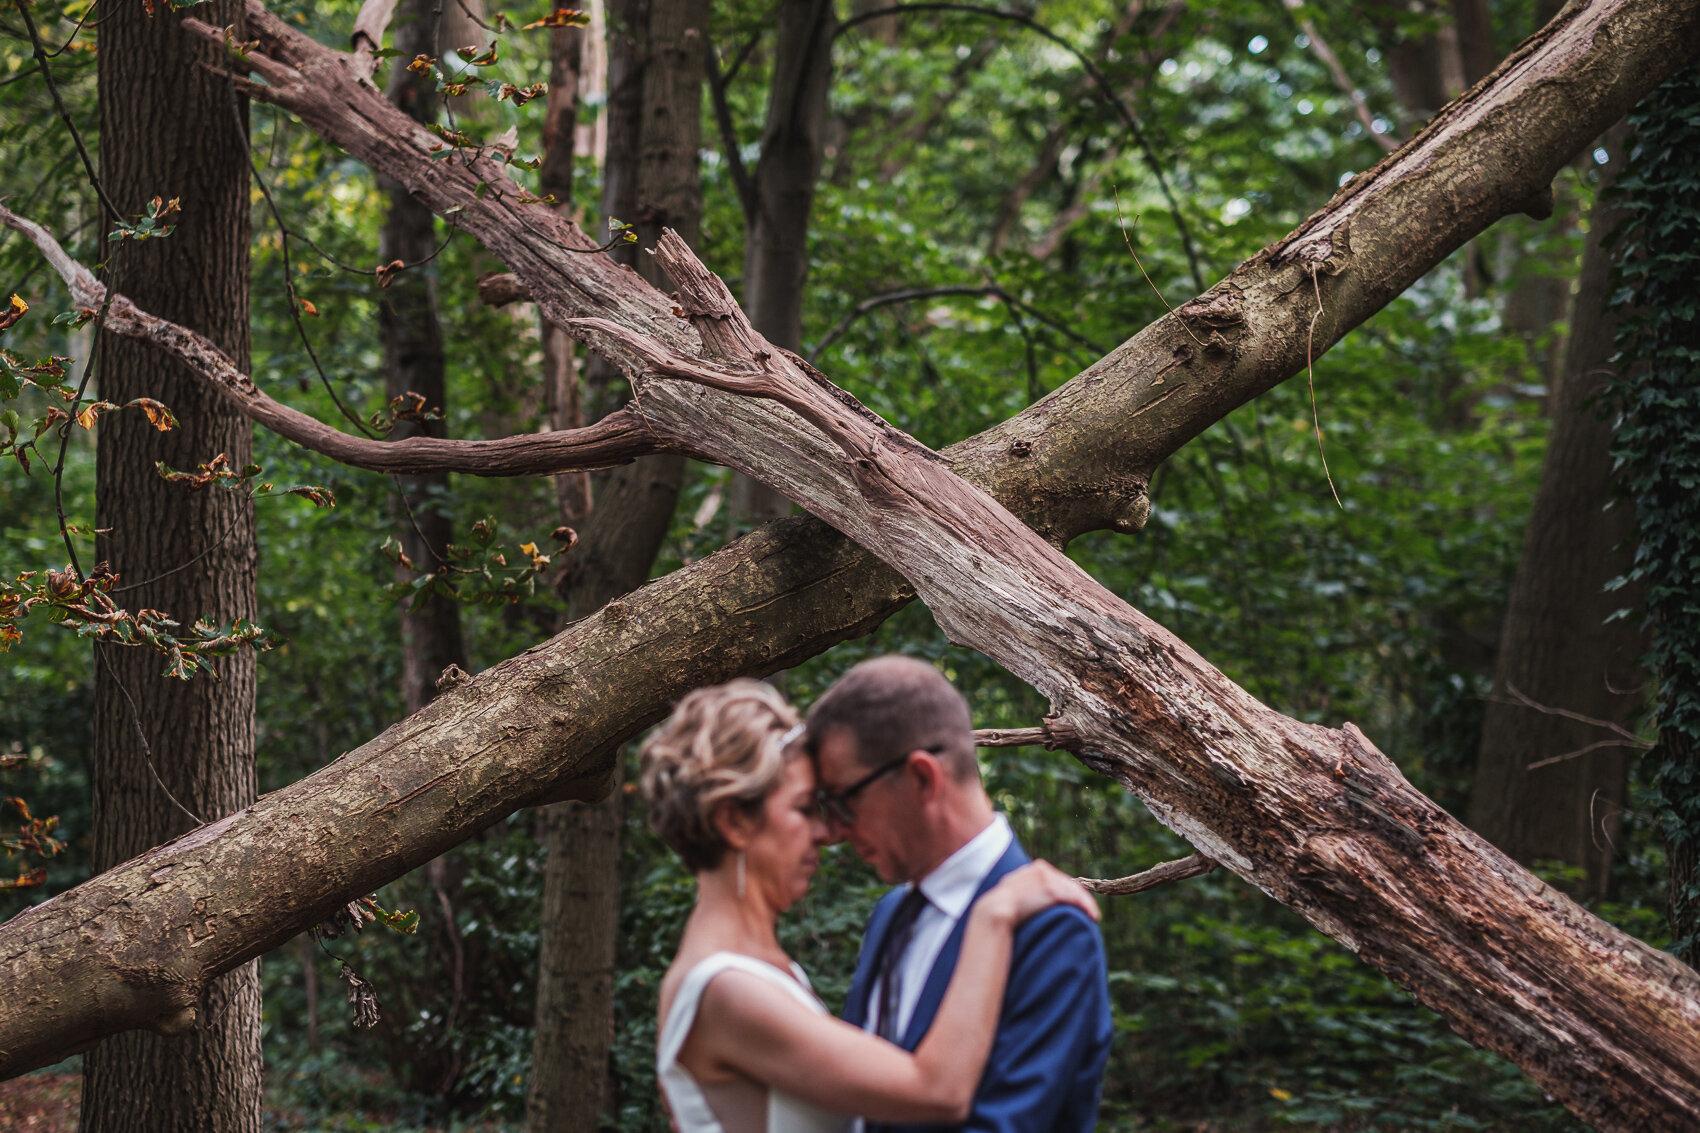 iso800 - huwelijksfotograaf goele kris den eyck kasterlee-7.jpg